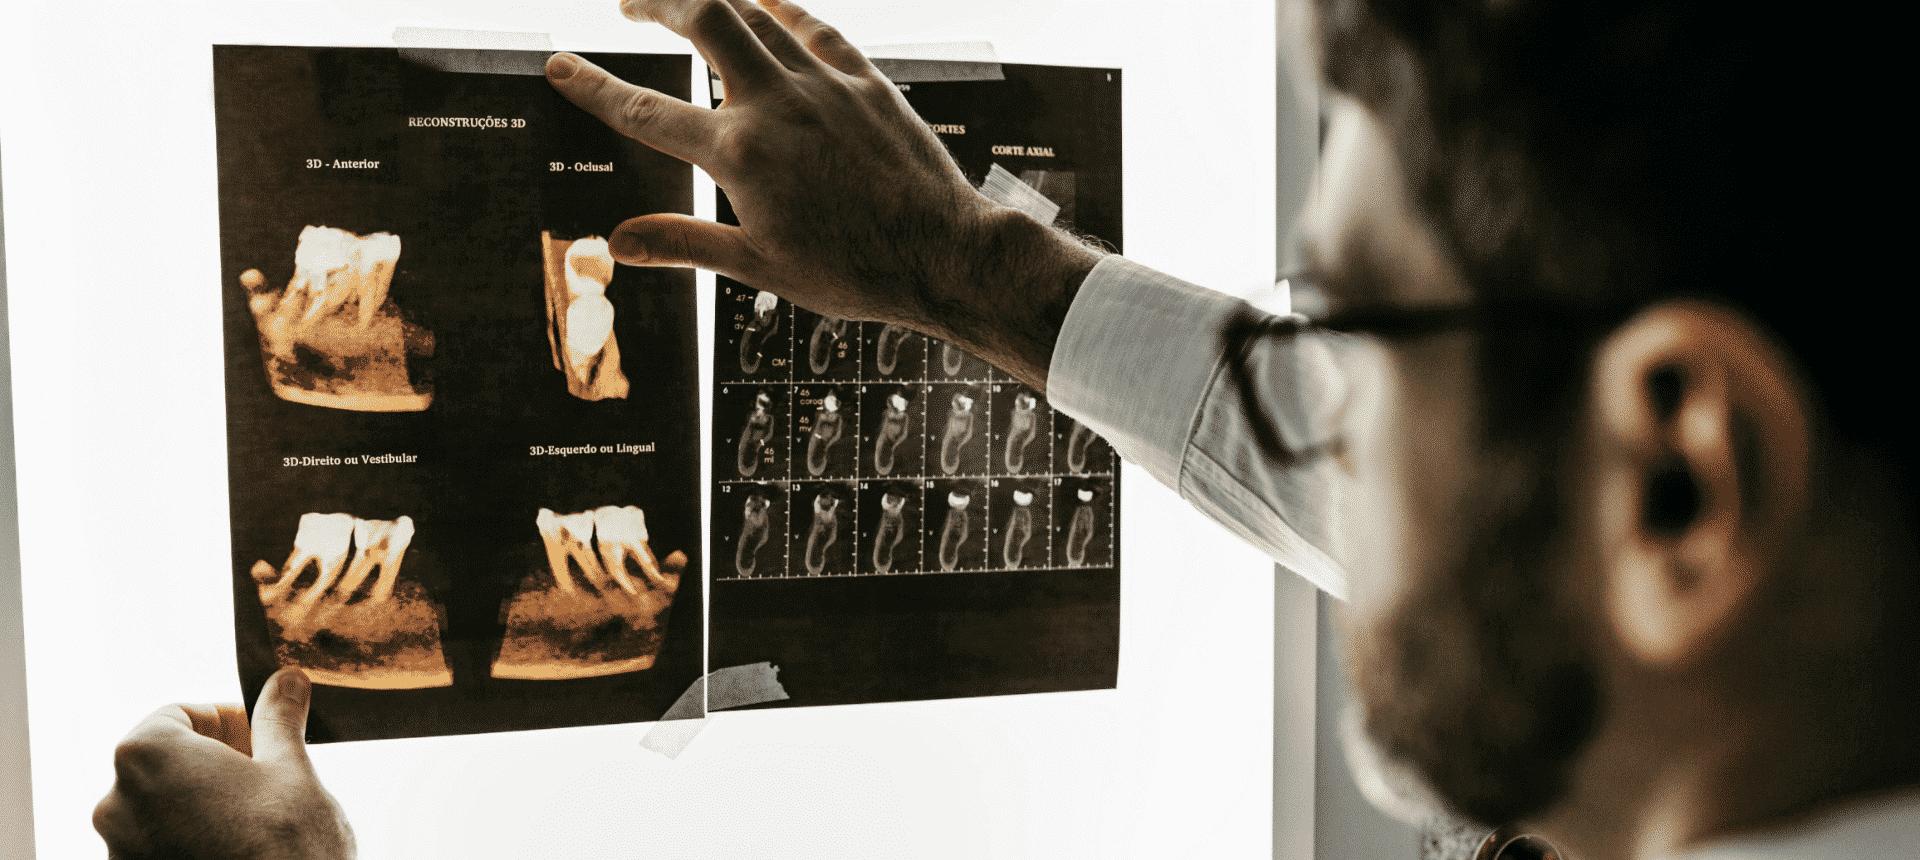 BEGO Implant Systems: Ein Beispiel aus der Praxis